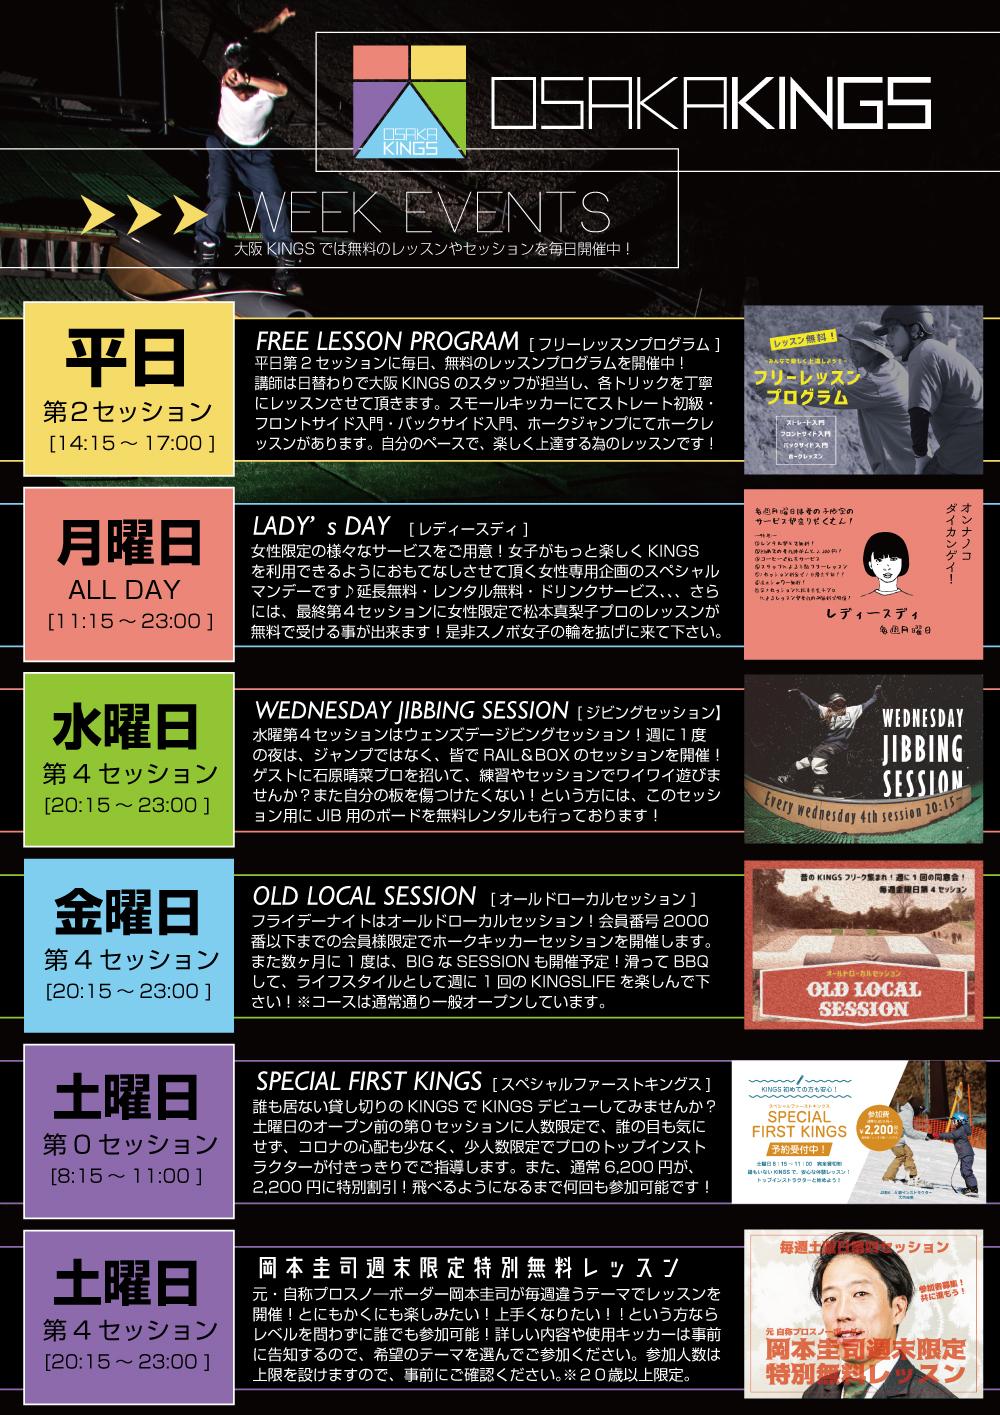 WEEKEVENTS2020_5(black).jpg